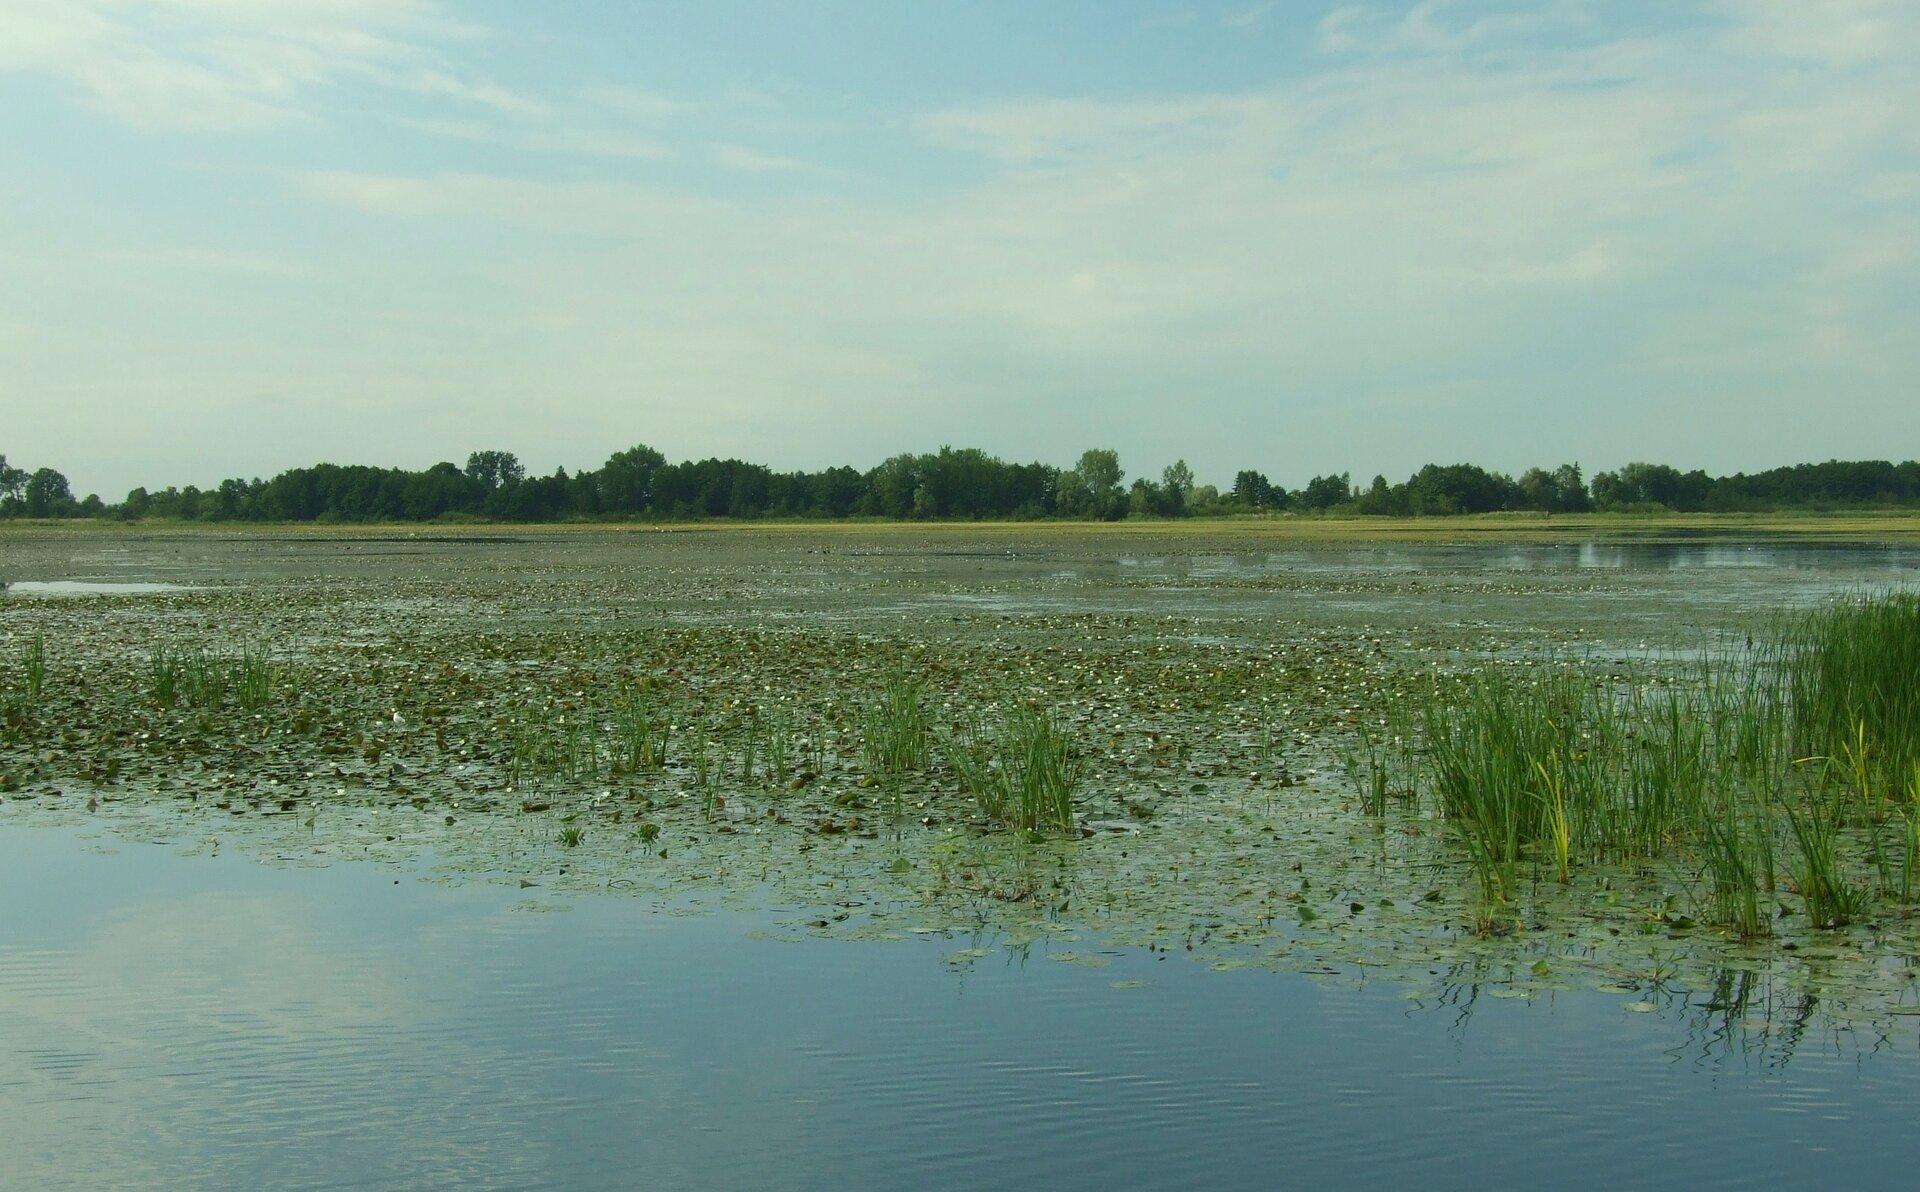 Na zdjęciu jezioro, wwodzie trzciny irośliny opływających liściach. Wtle las.